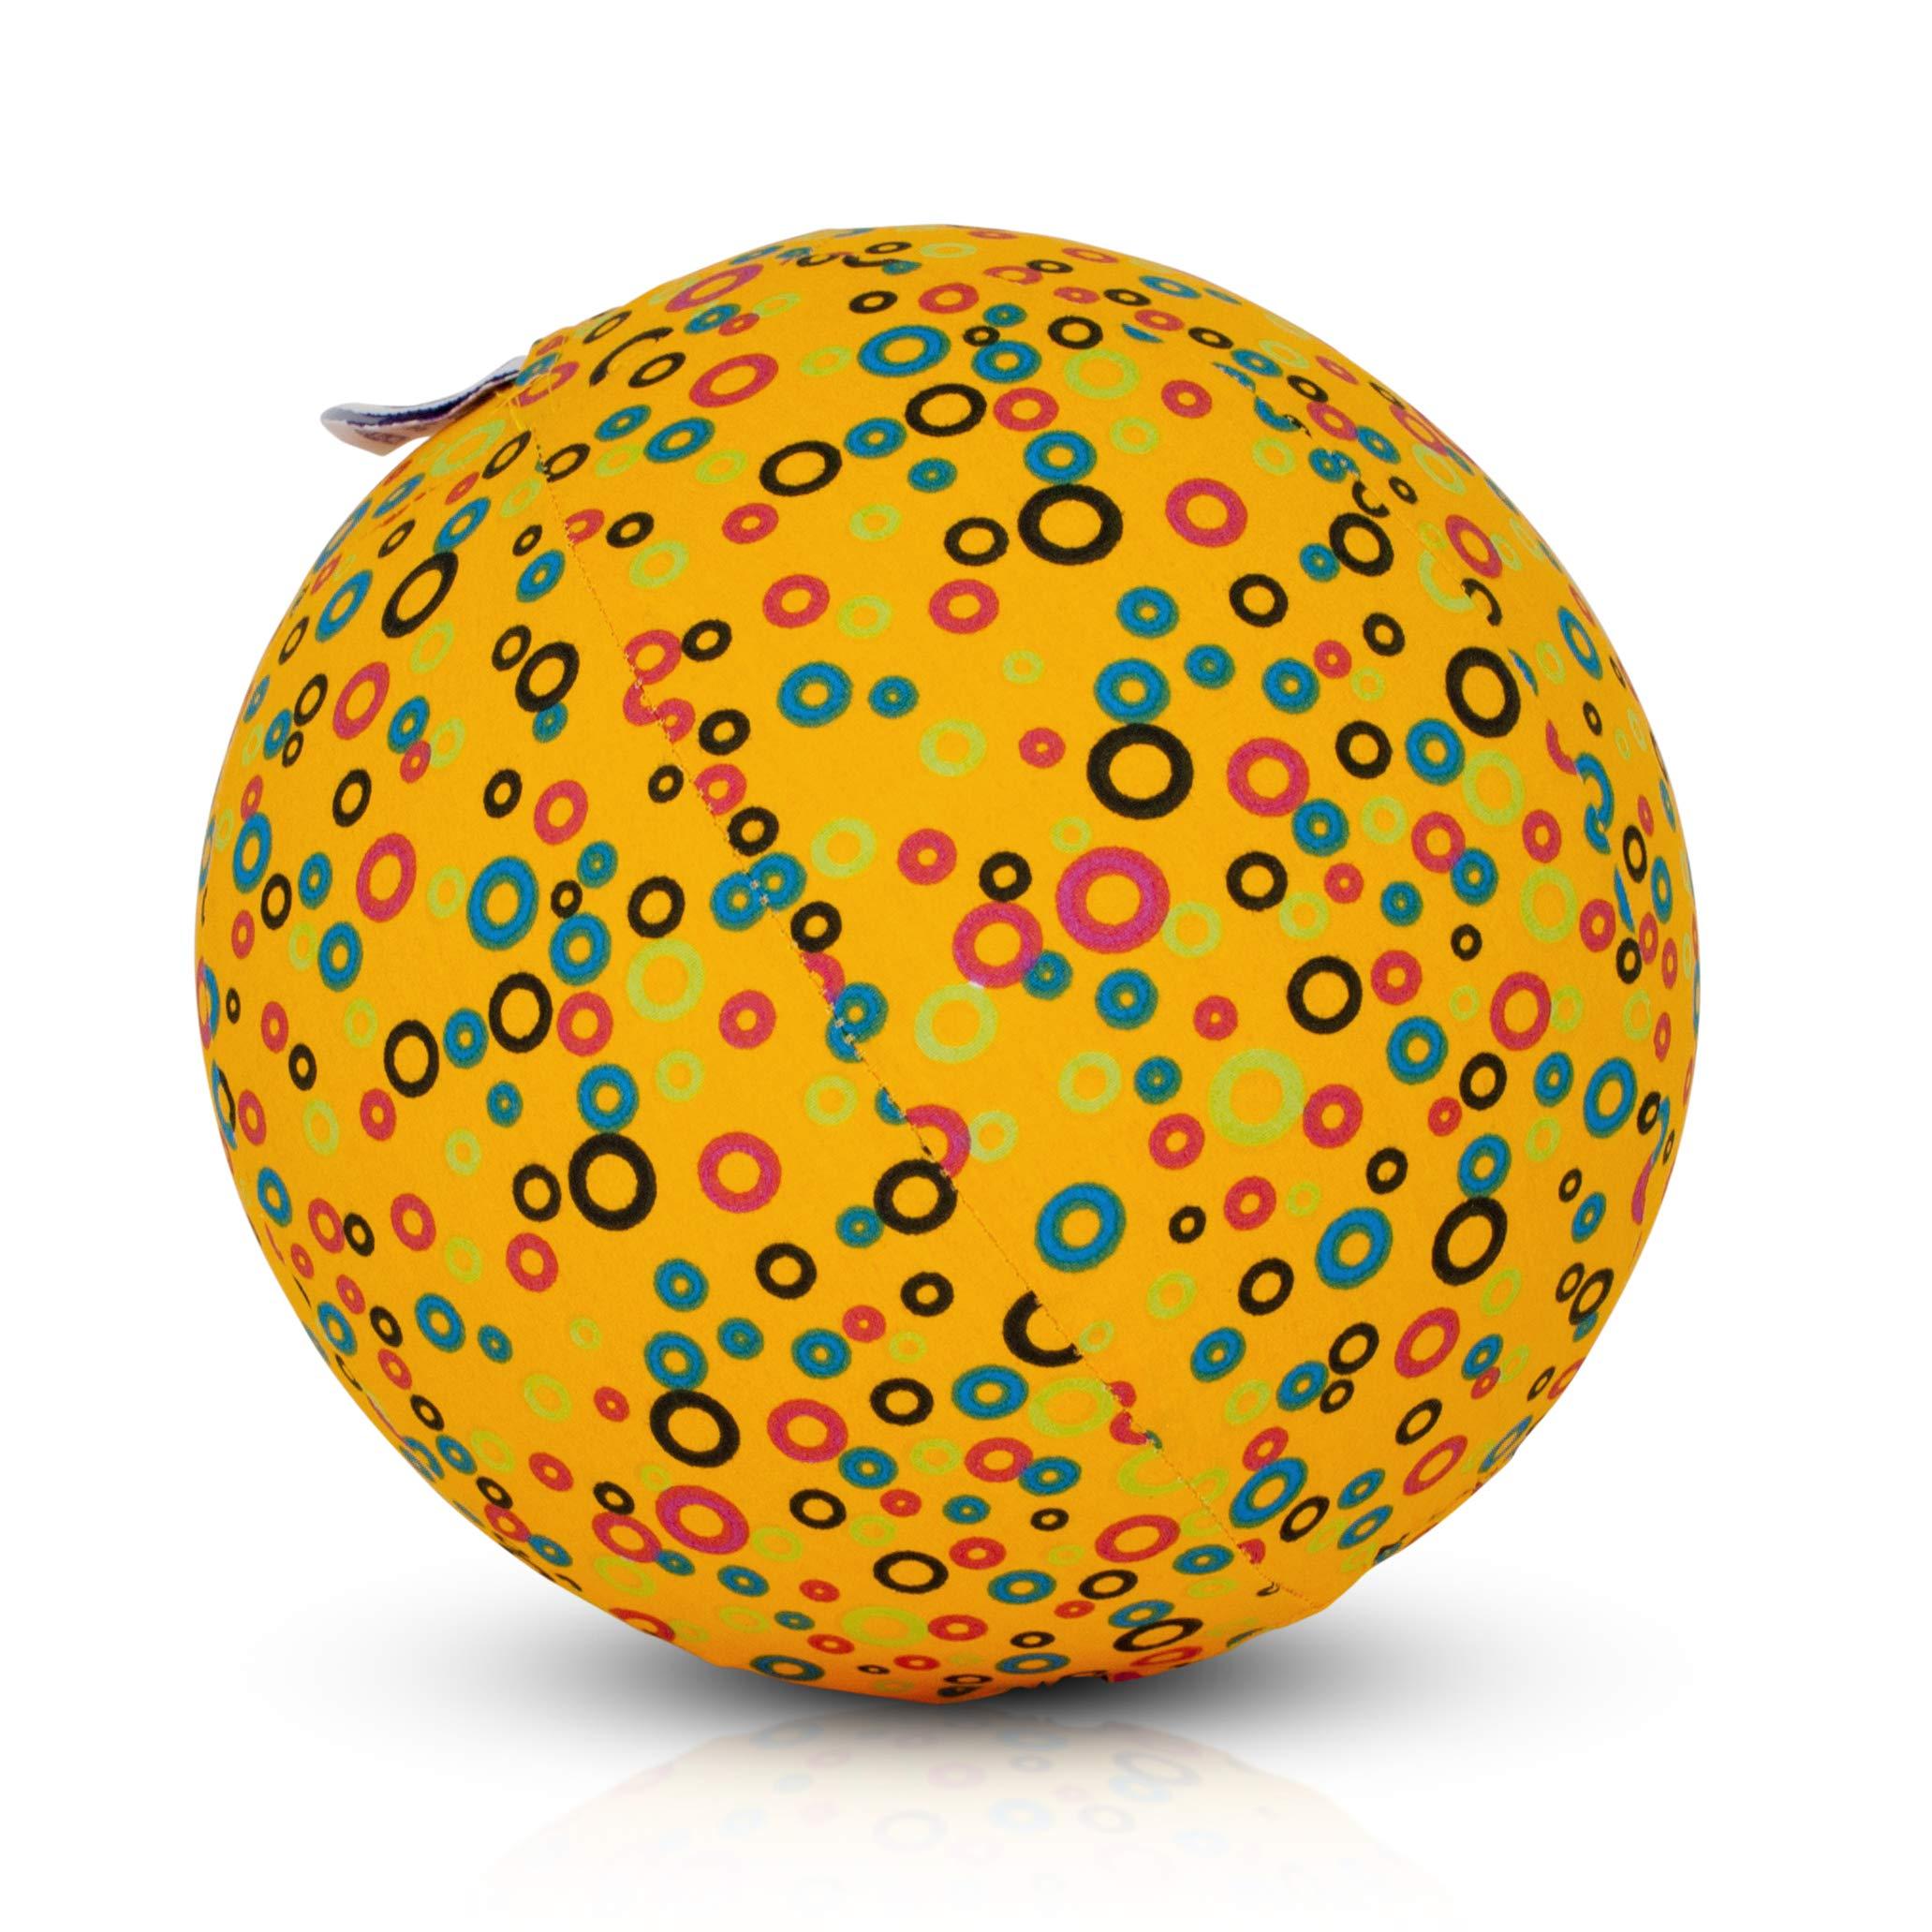 BUBABLOON BB-369 Circles Yellow